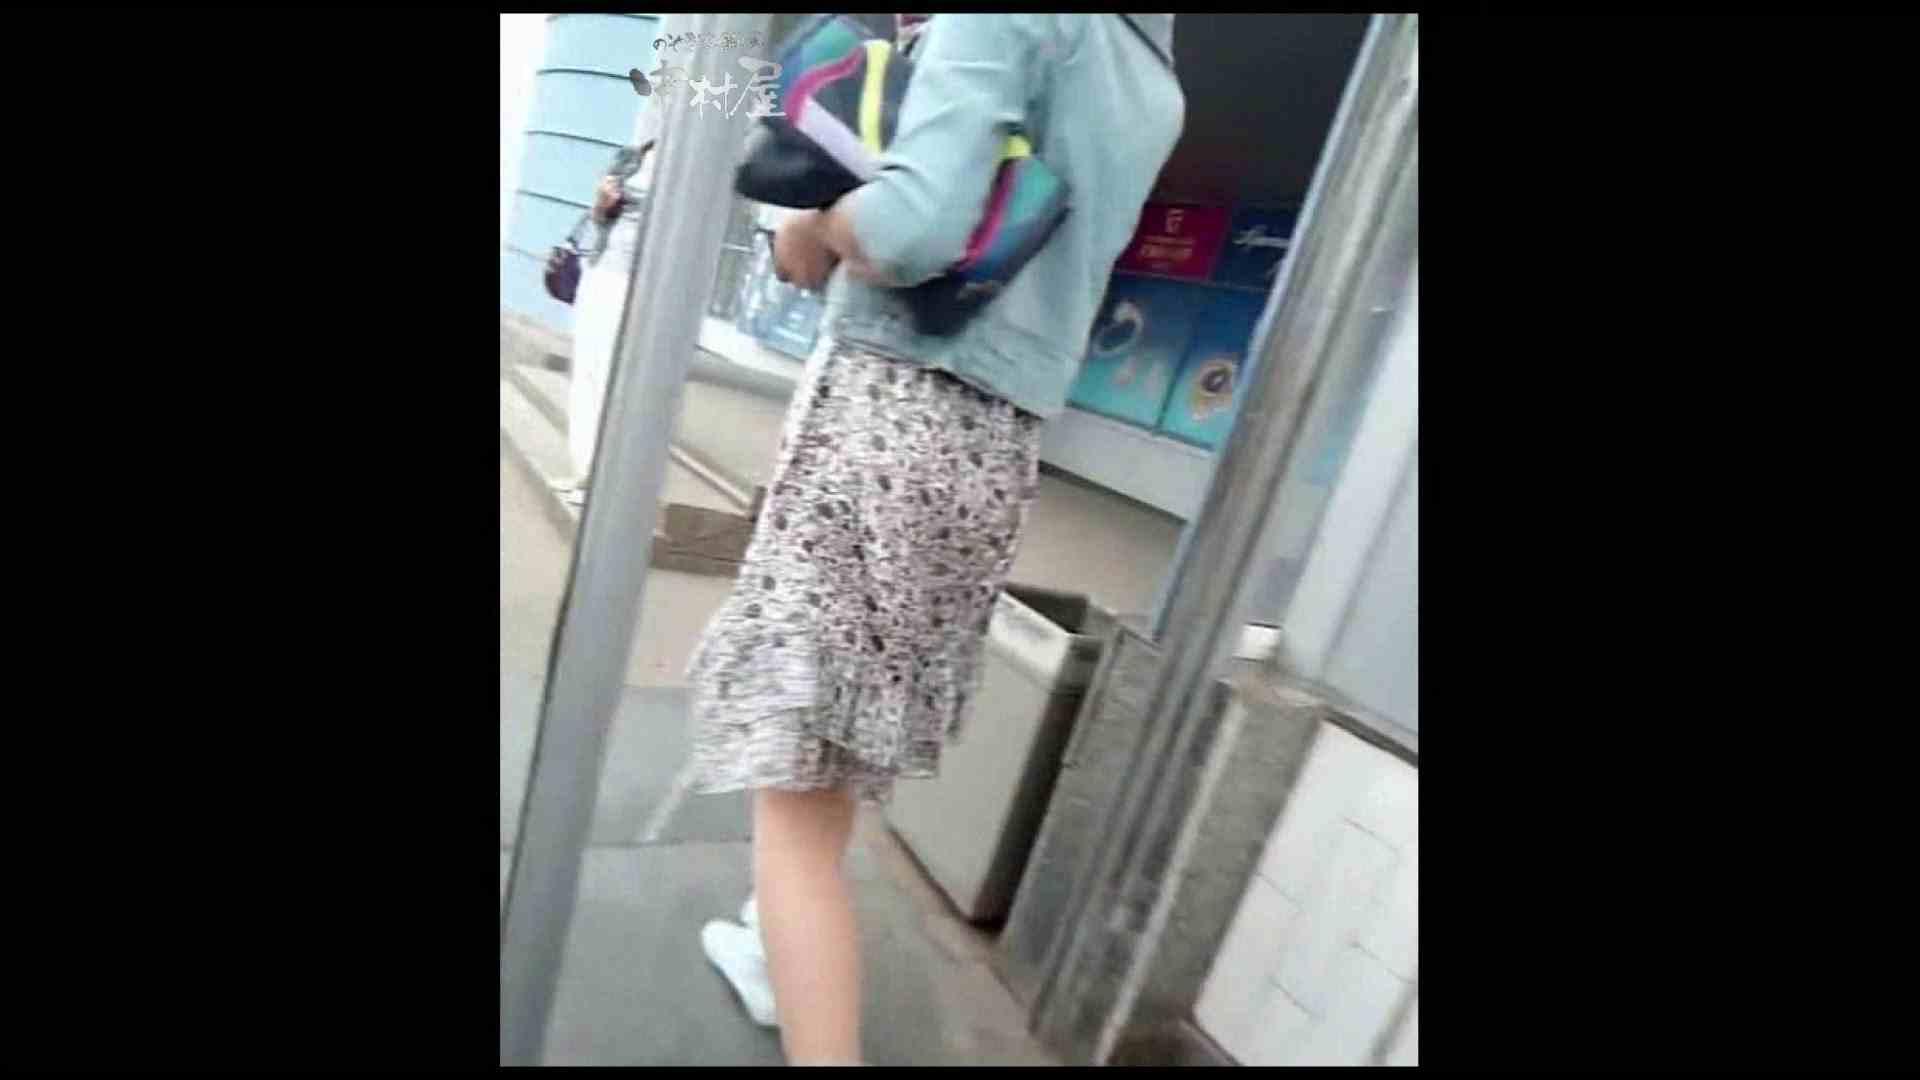 綺麗なモデルさんのスカート捲っちゃおう‼ vol30 お姉さんハメ撮り  109Pix 55